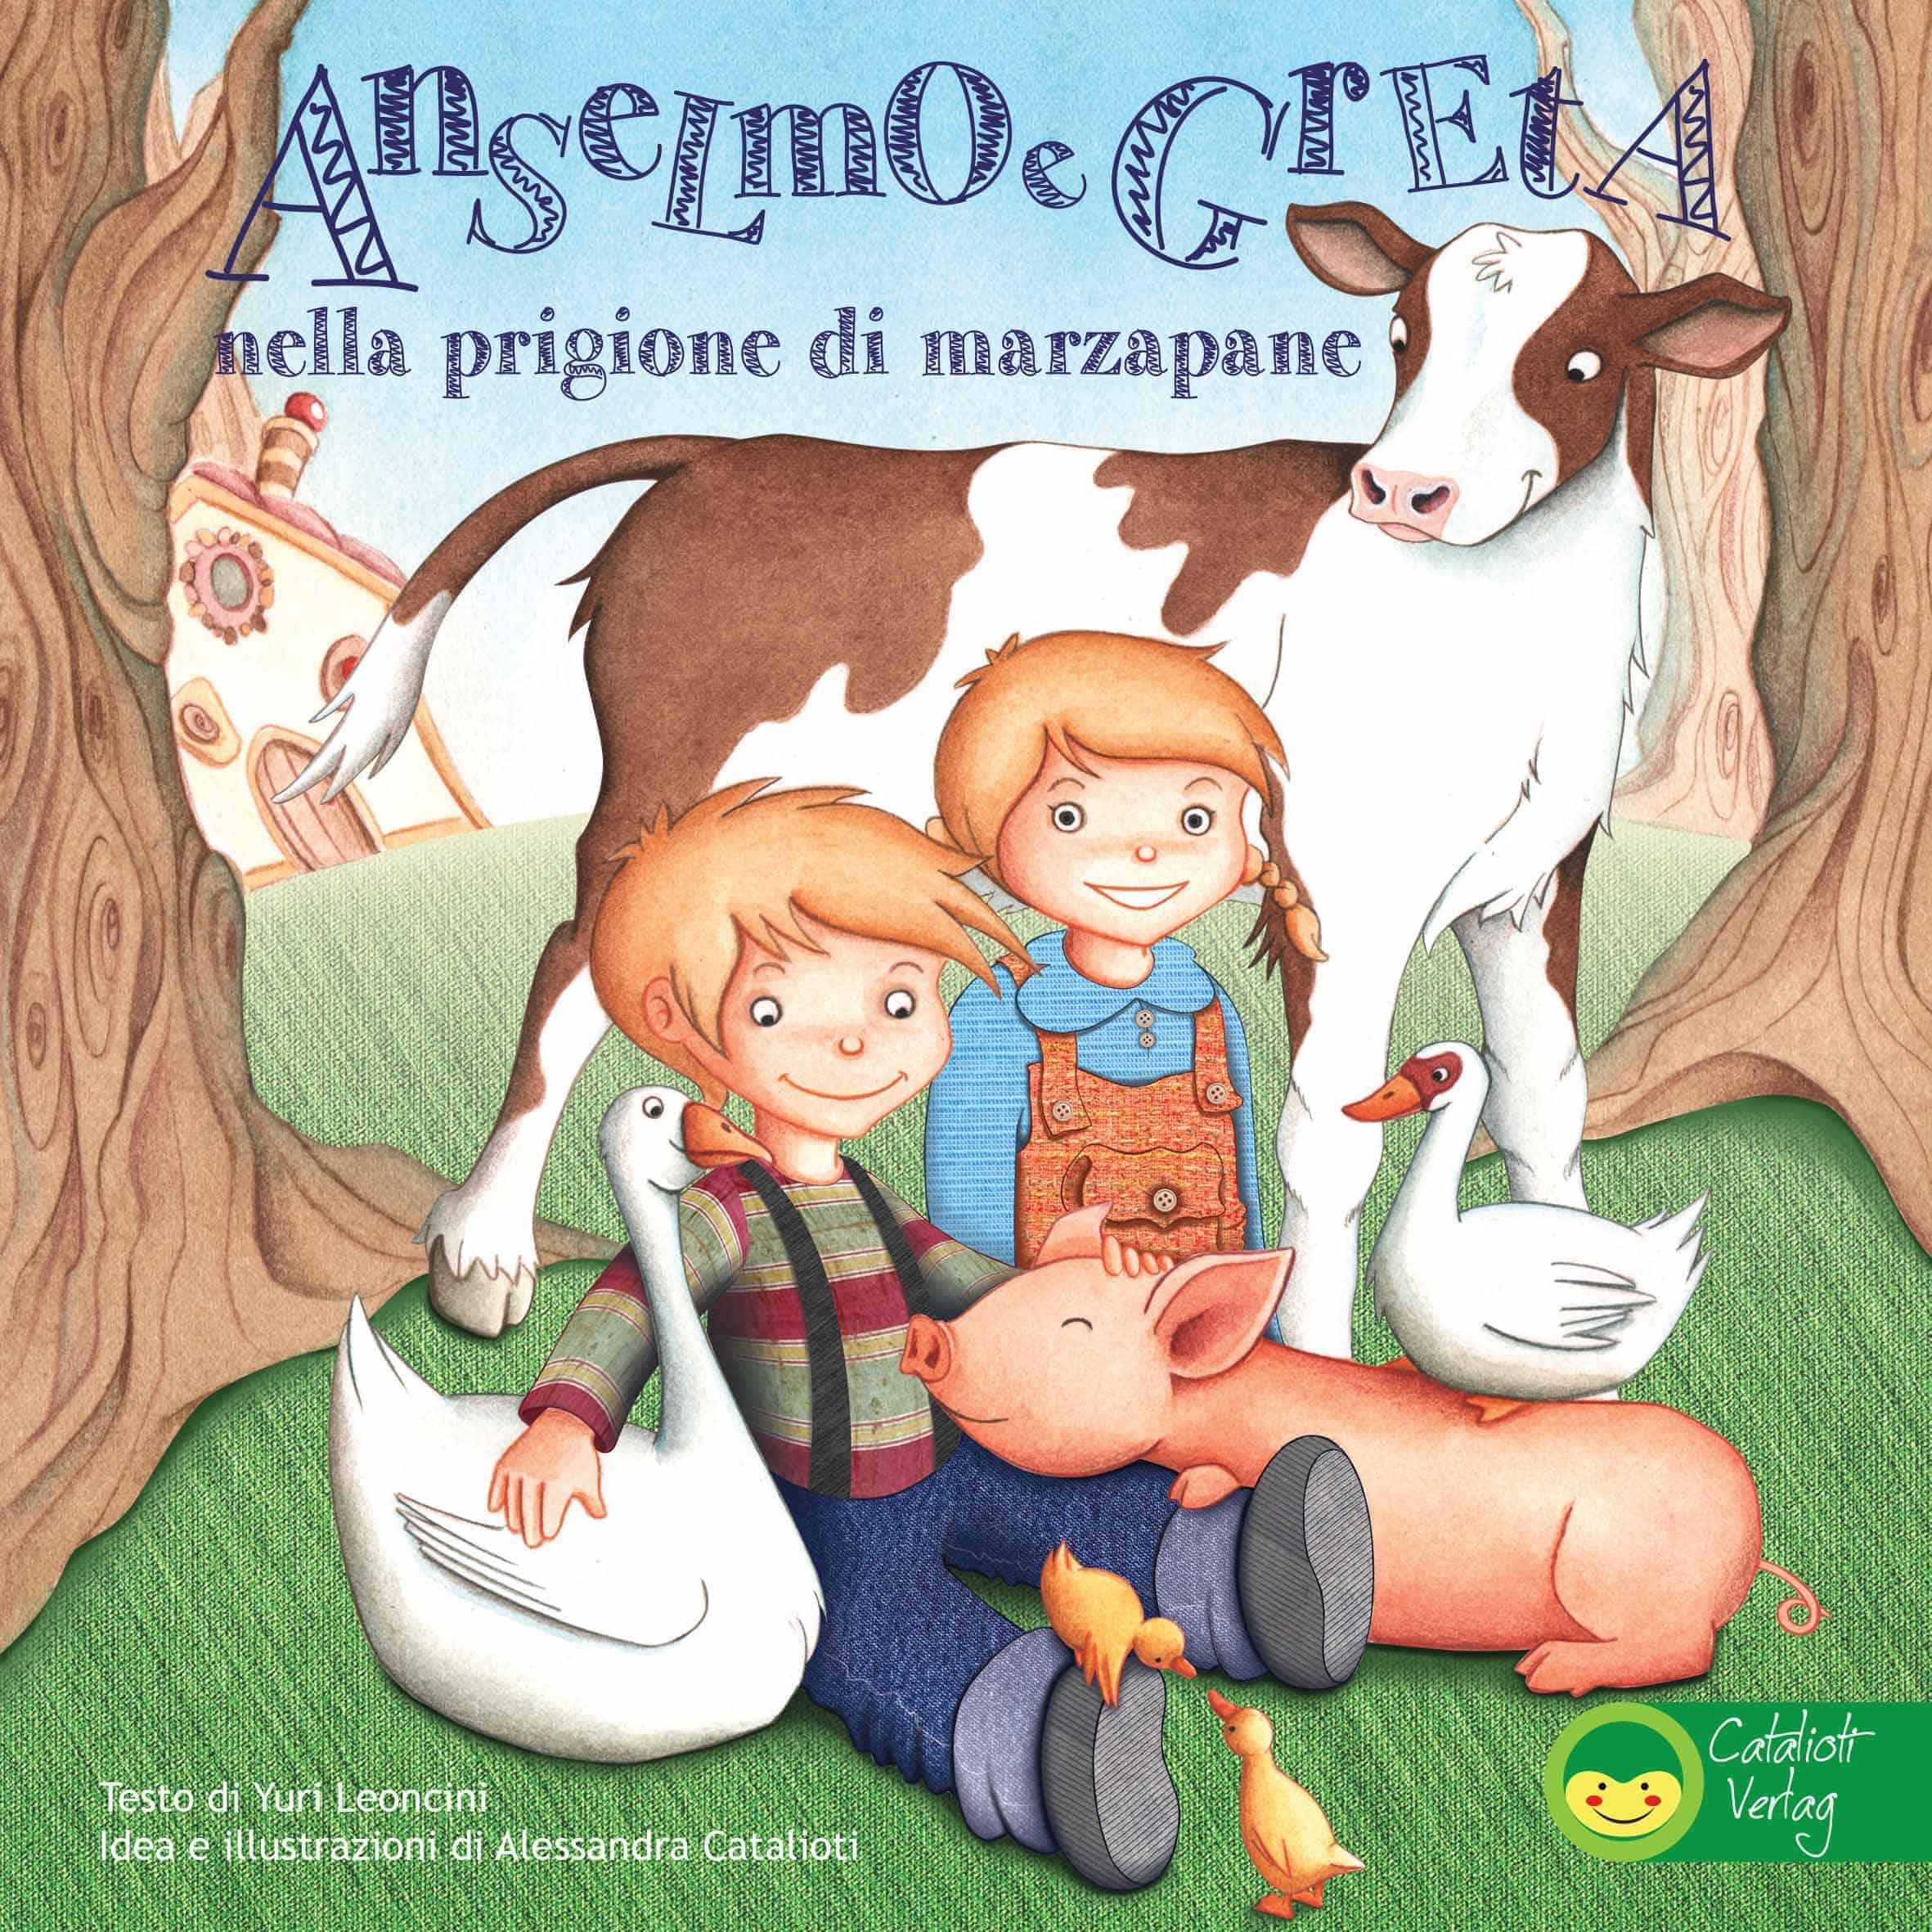 Libro illustrato per bambini Anselmo e Greta